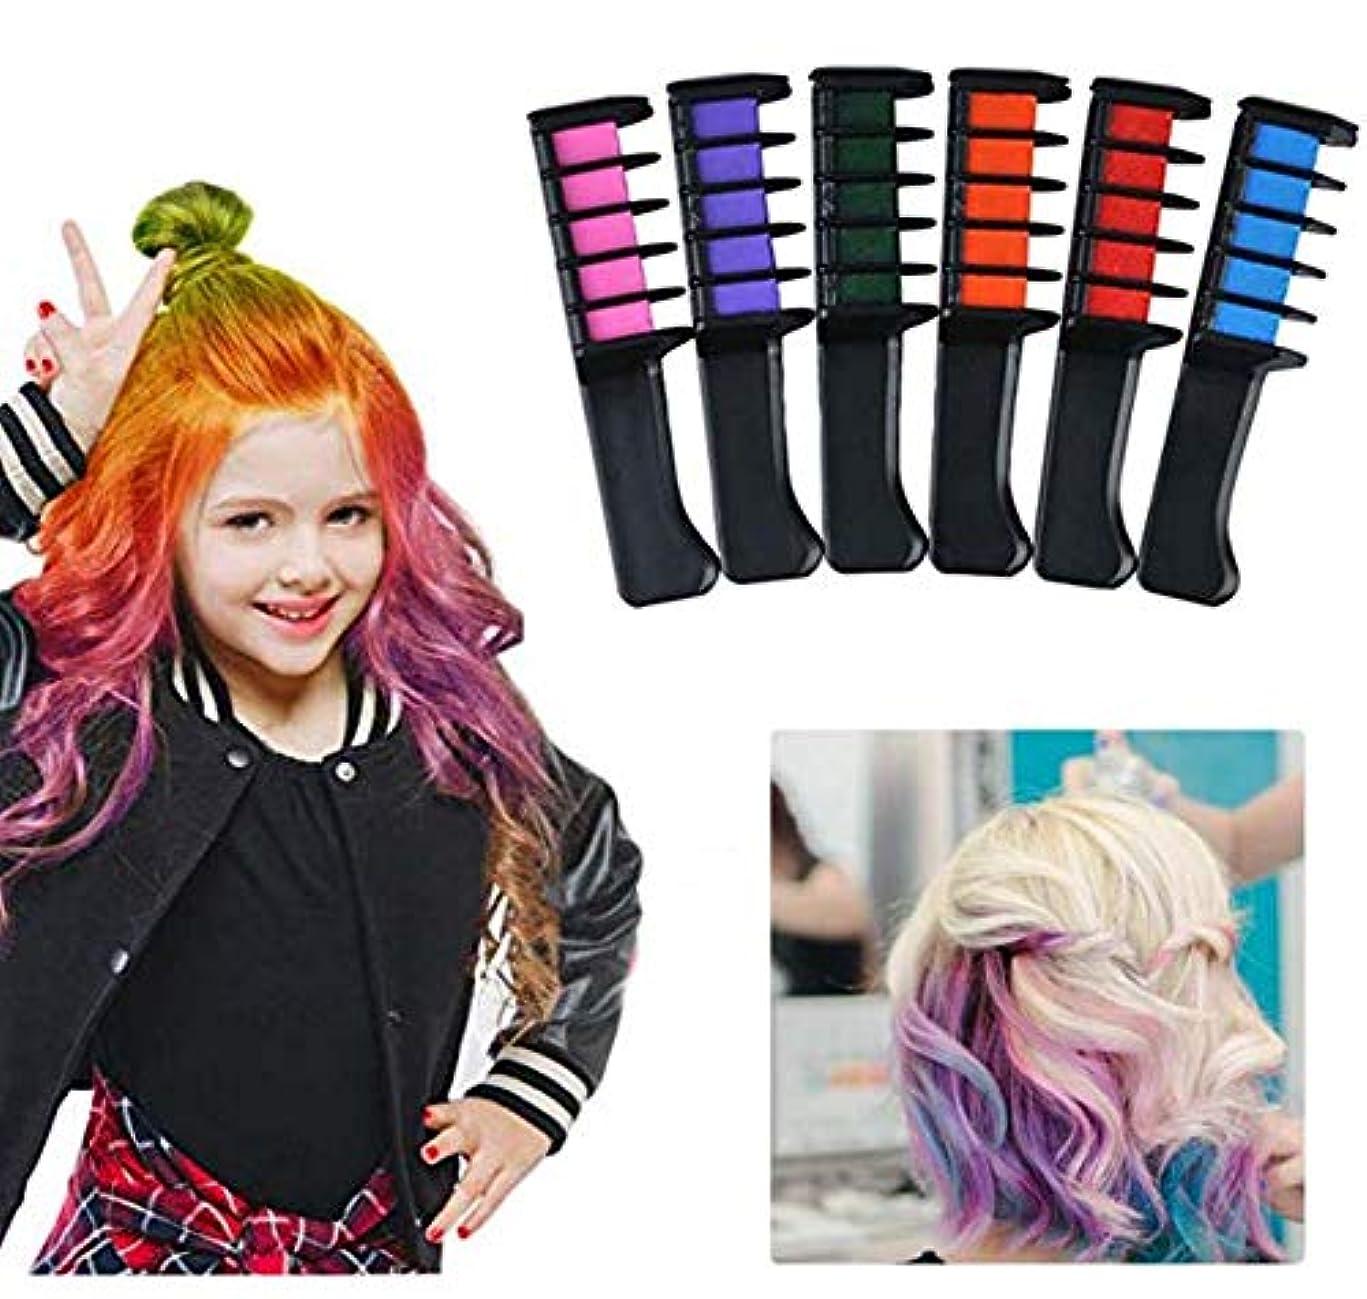 蒸珍しい嫌がらせ子供のための安全な非有毒な一時的な髪のチョークの櫛6色髪の色の櫛髪のチョークの櫛、女の子、パーティー、コスプレ